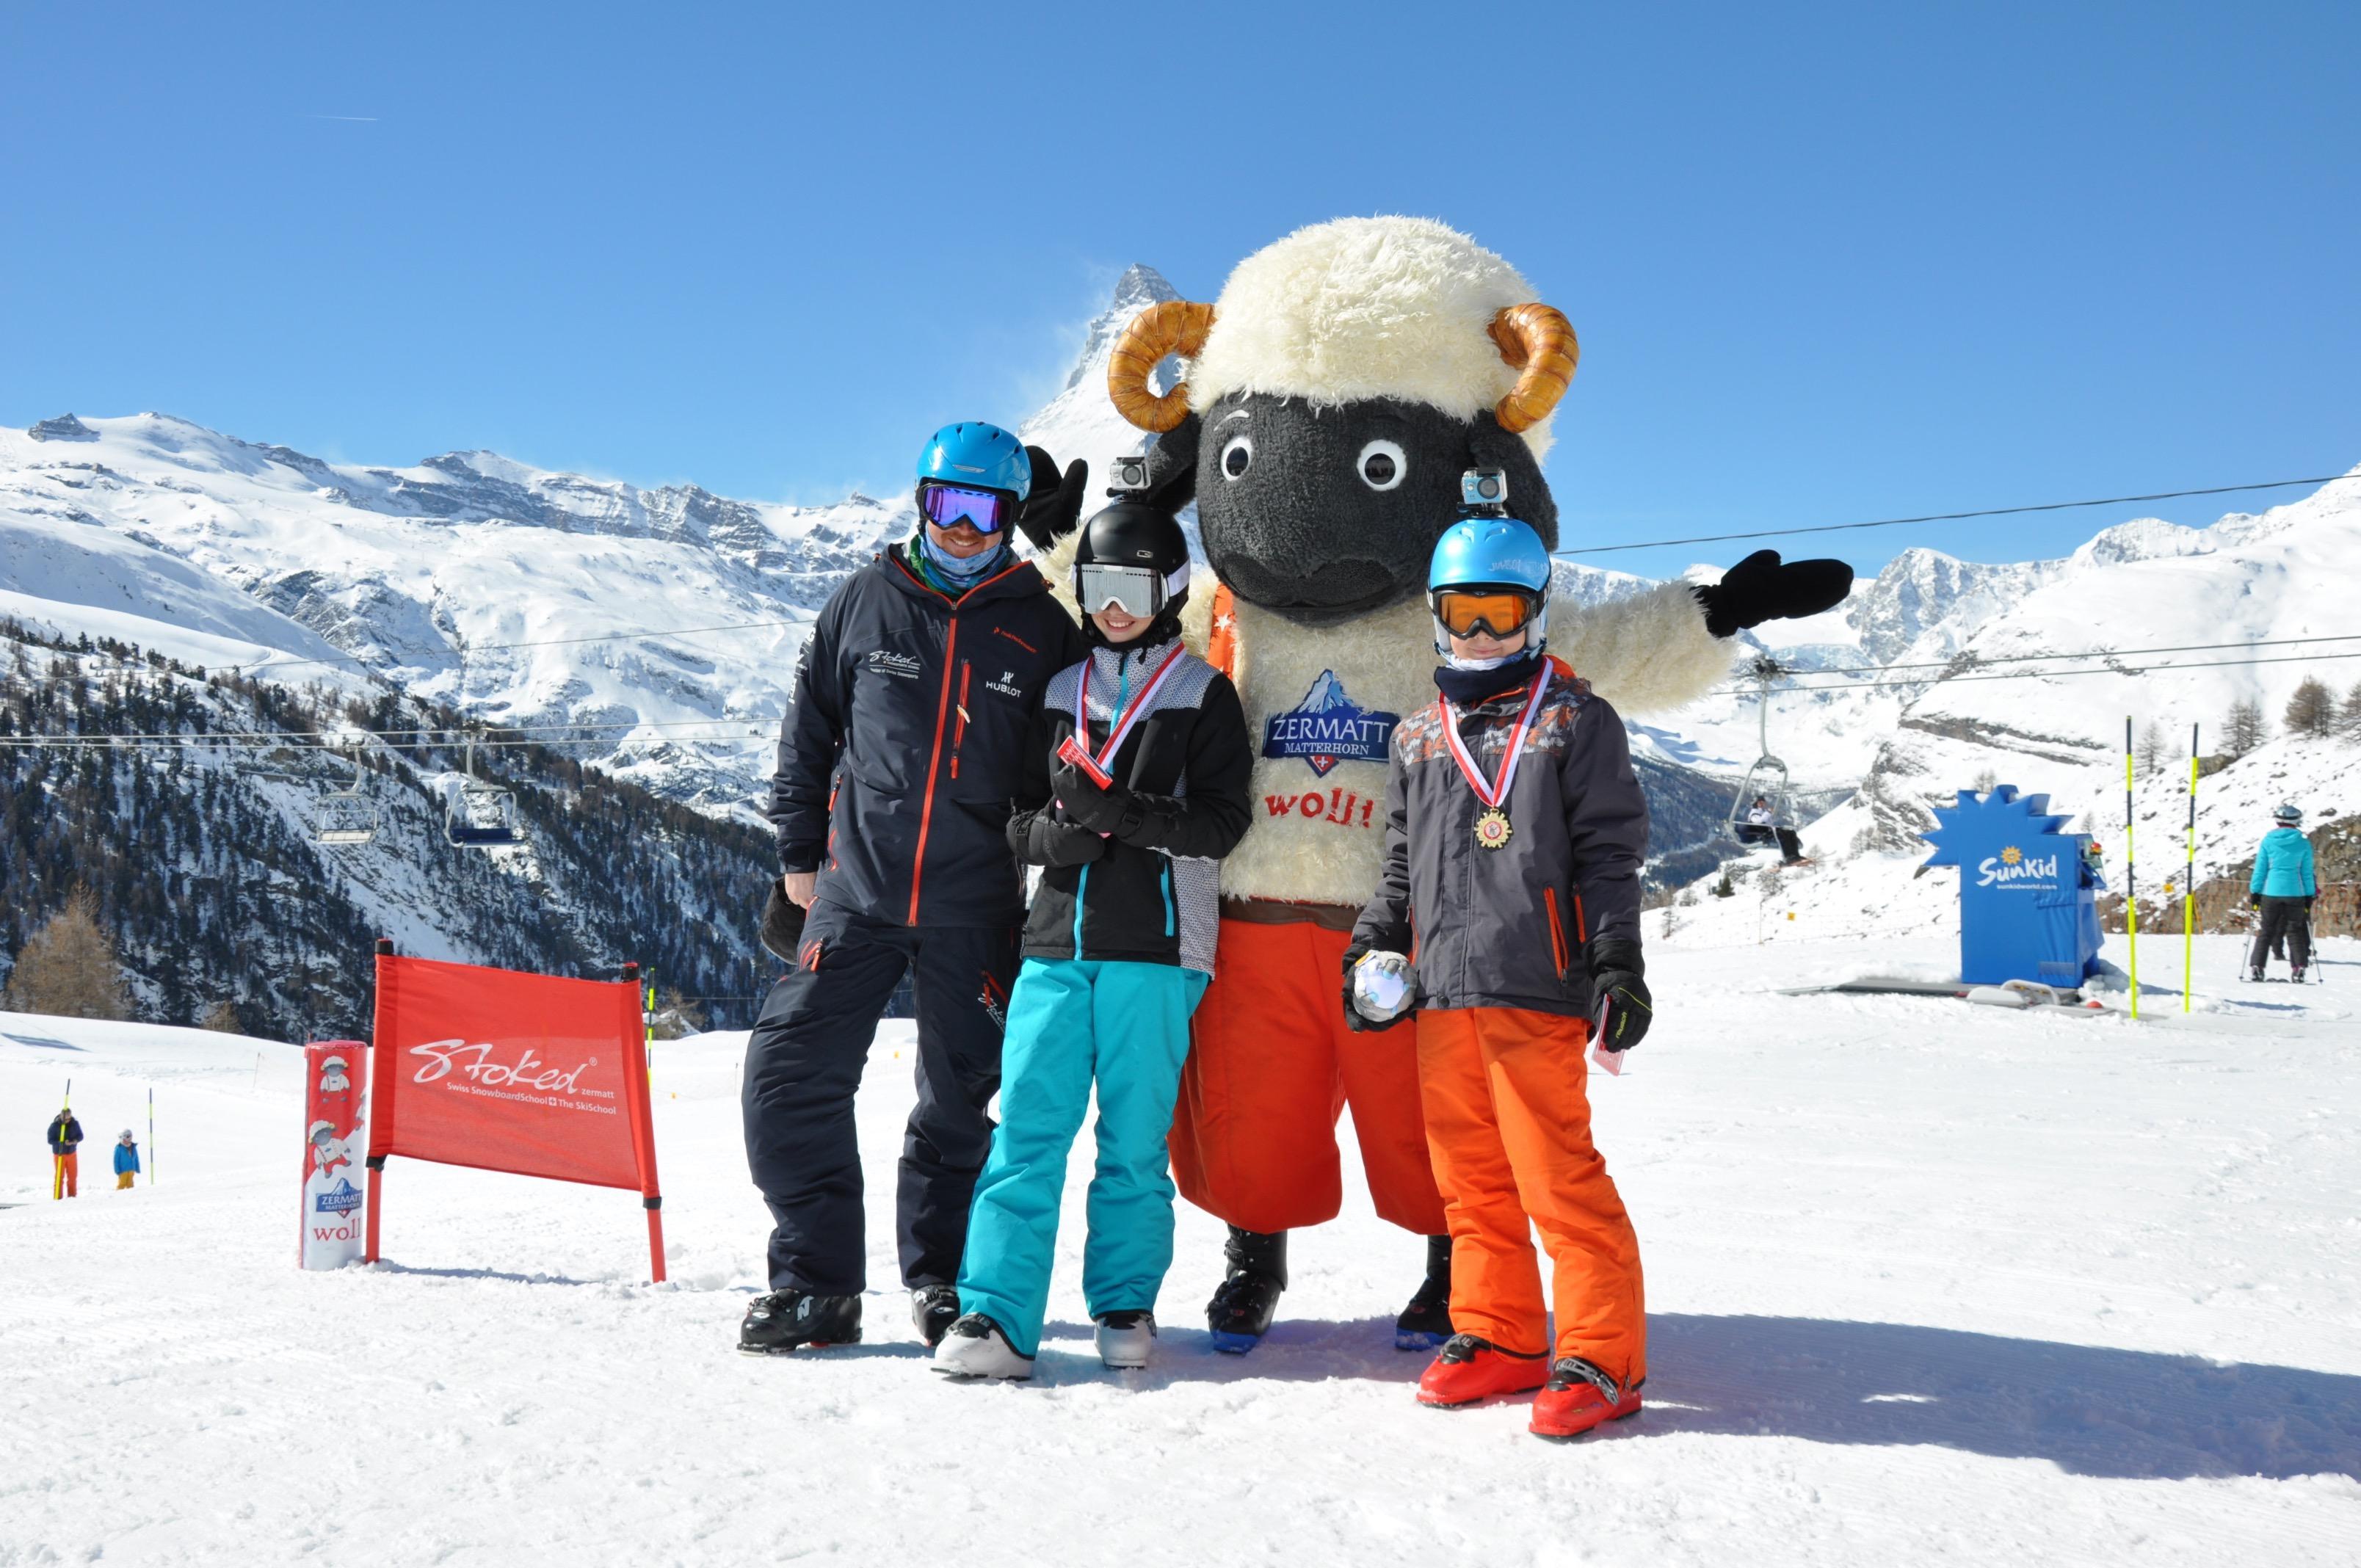 Cours de ski Ados (13-18 ans) pour Expérimentés